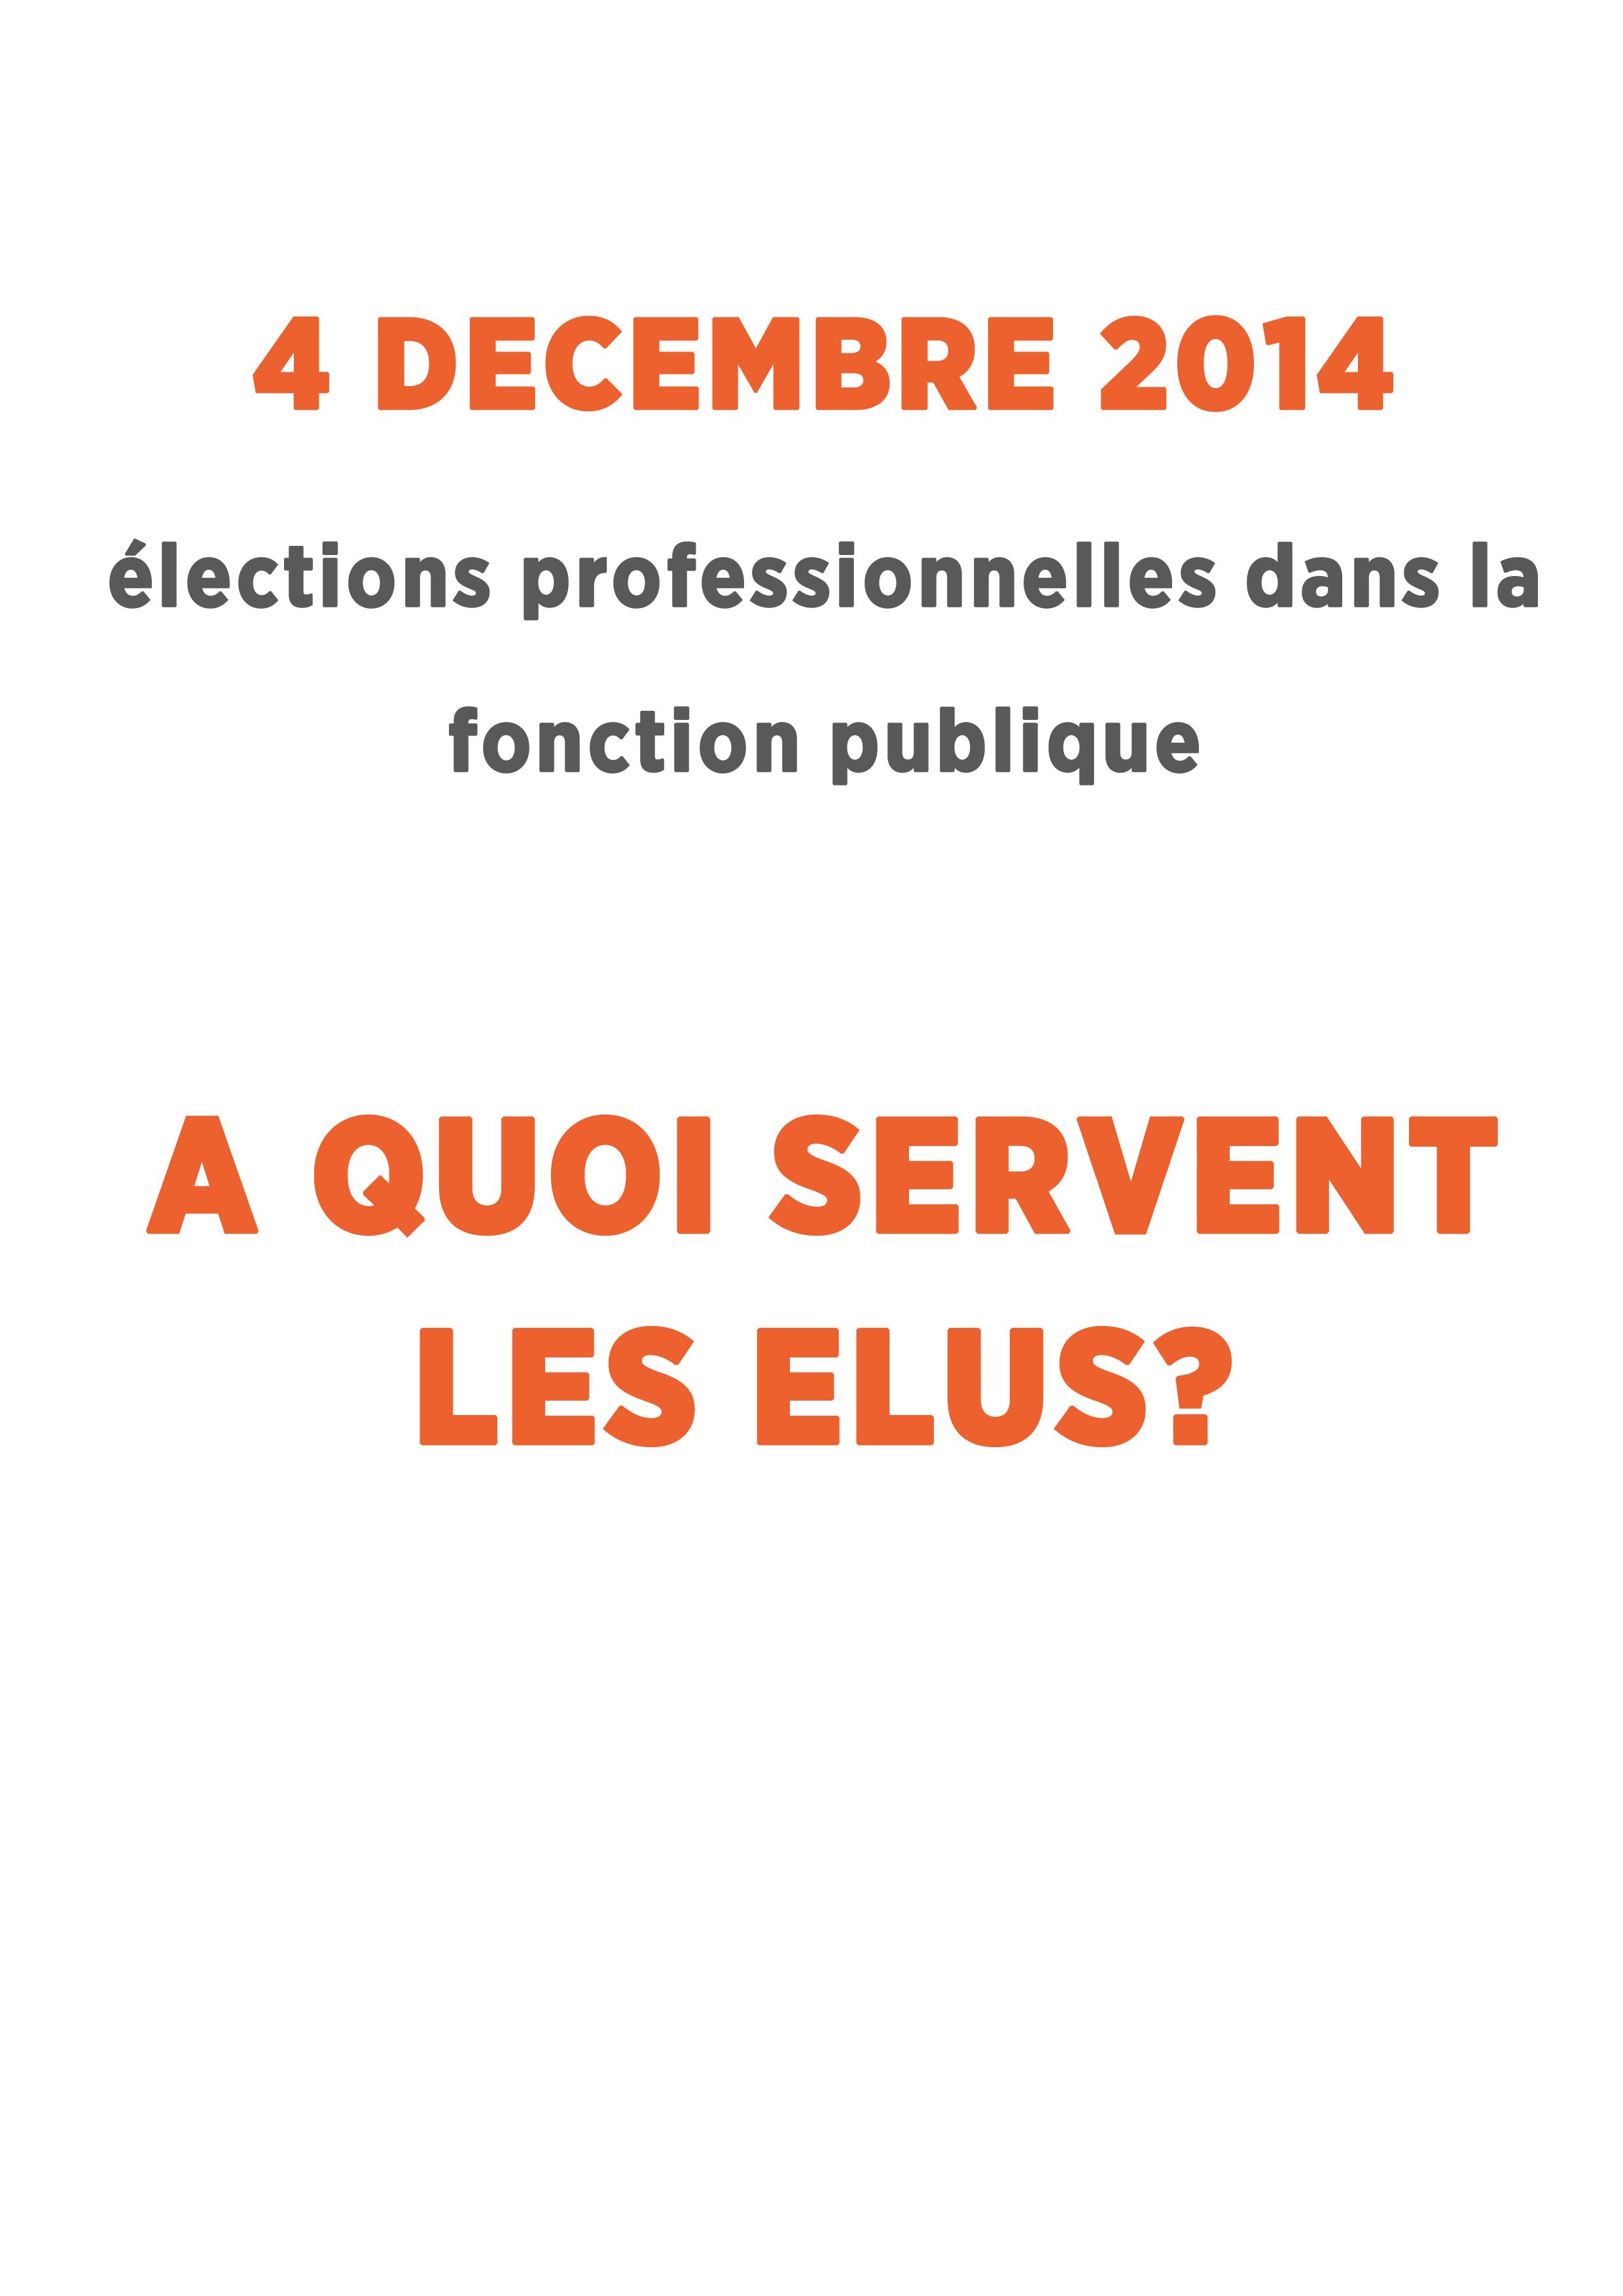 4 d�cembre 2014, �lections professionnelles dans la fonction publique, � quoi servent les �lus?